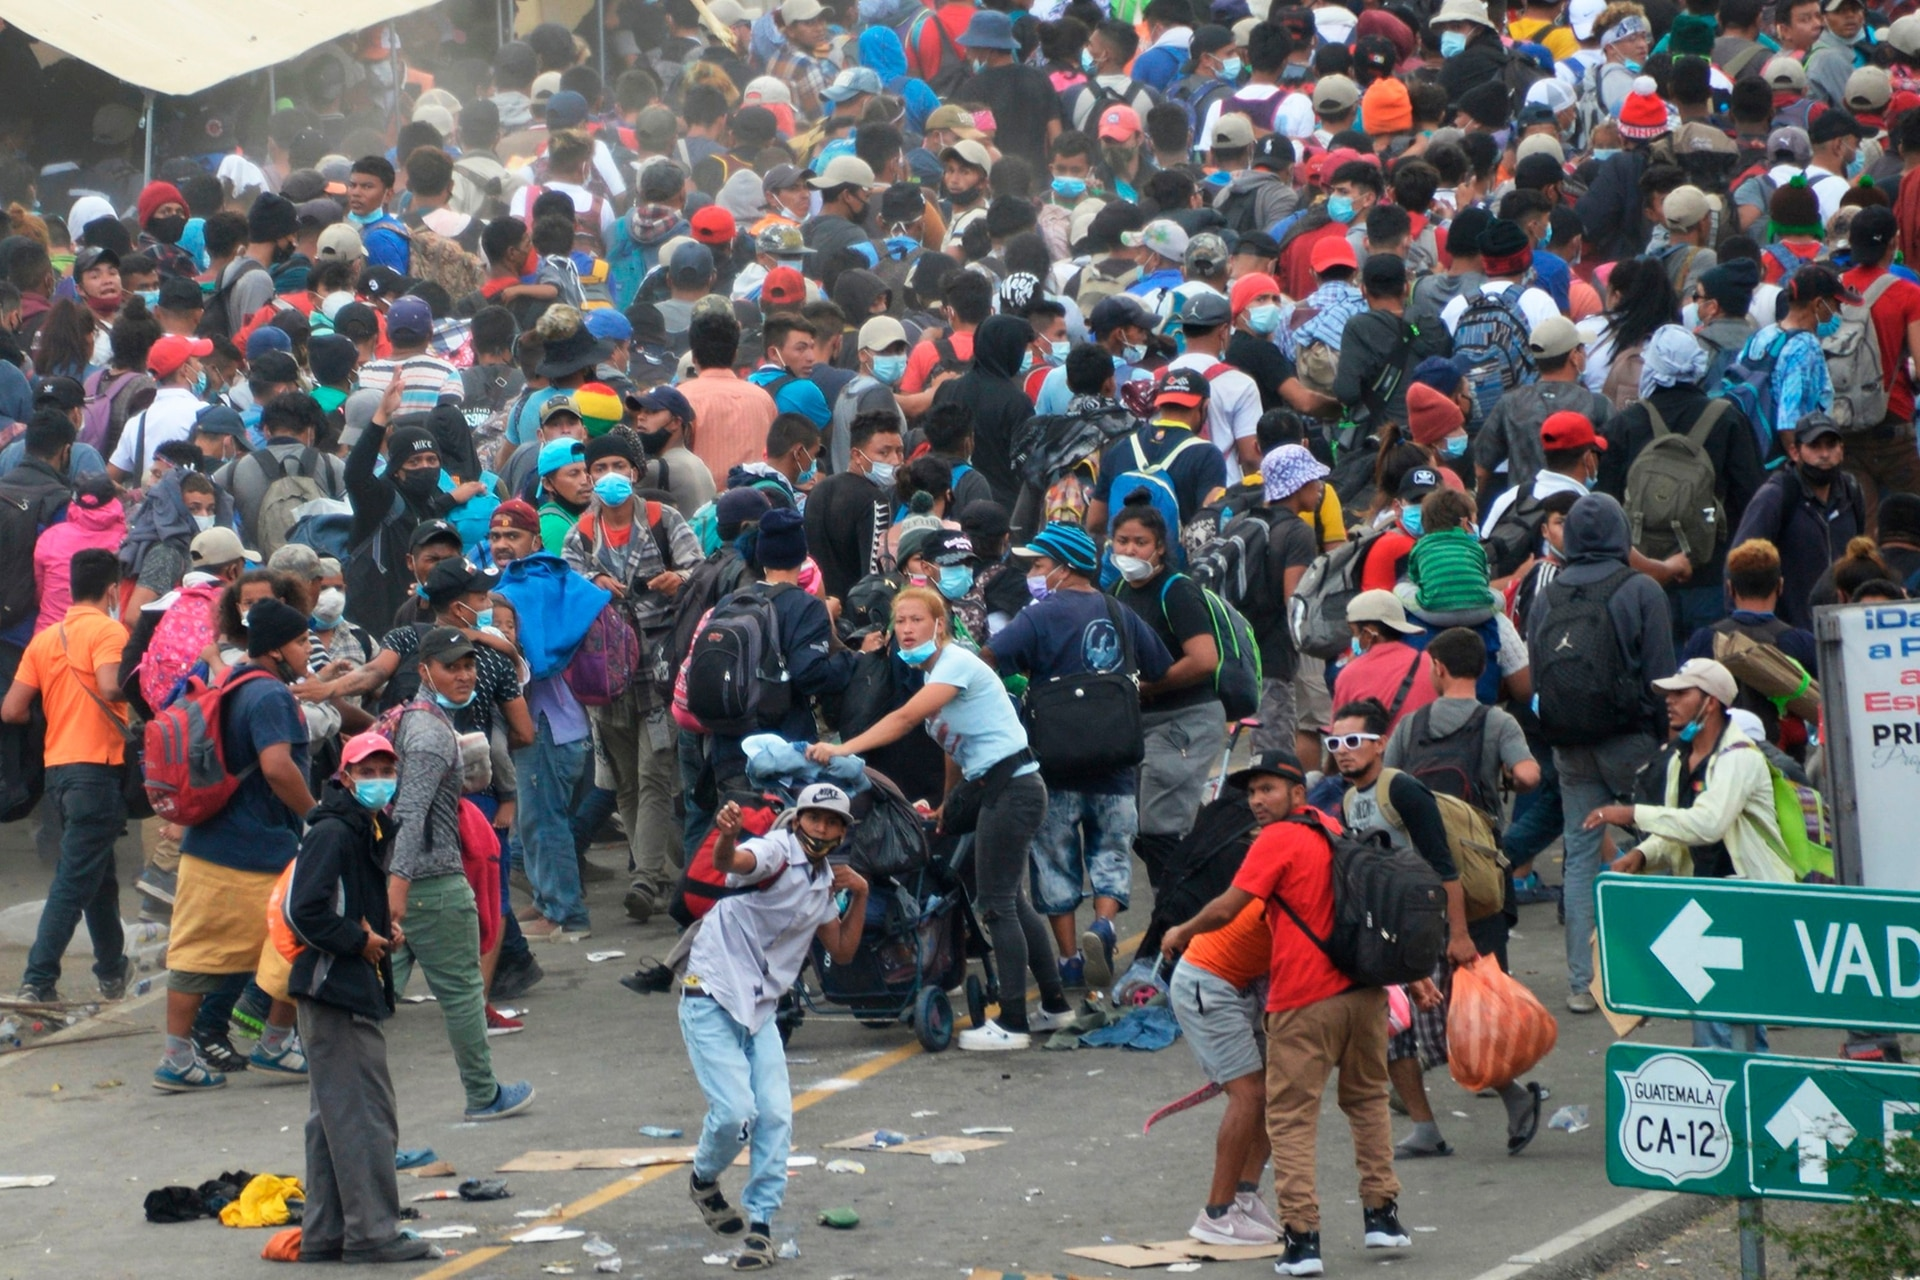 Los migrantes que llegaron en caravana desde Honduras en su camino a Estados Unidos son dispersados por fuerzas de seguridad en Vado Hondo, Guatemala